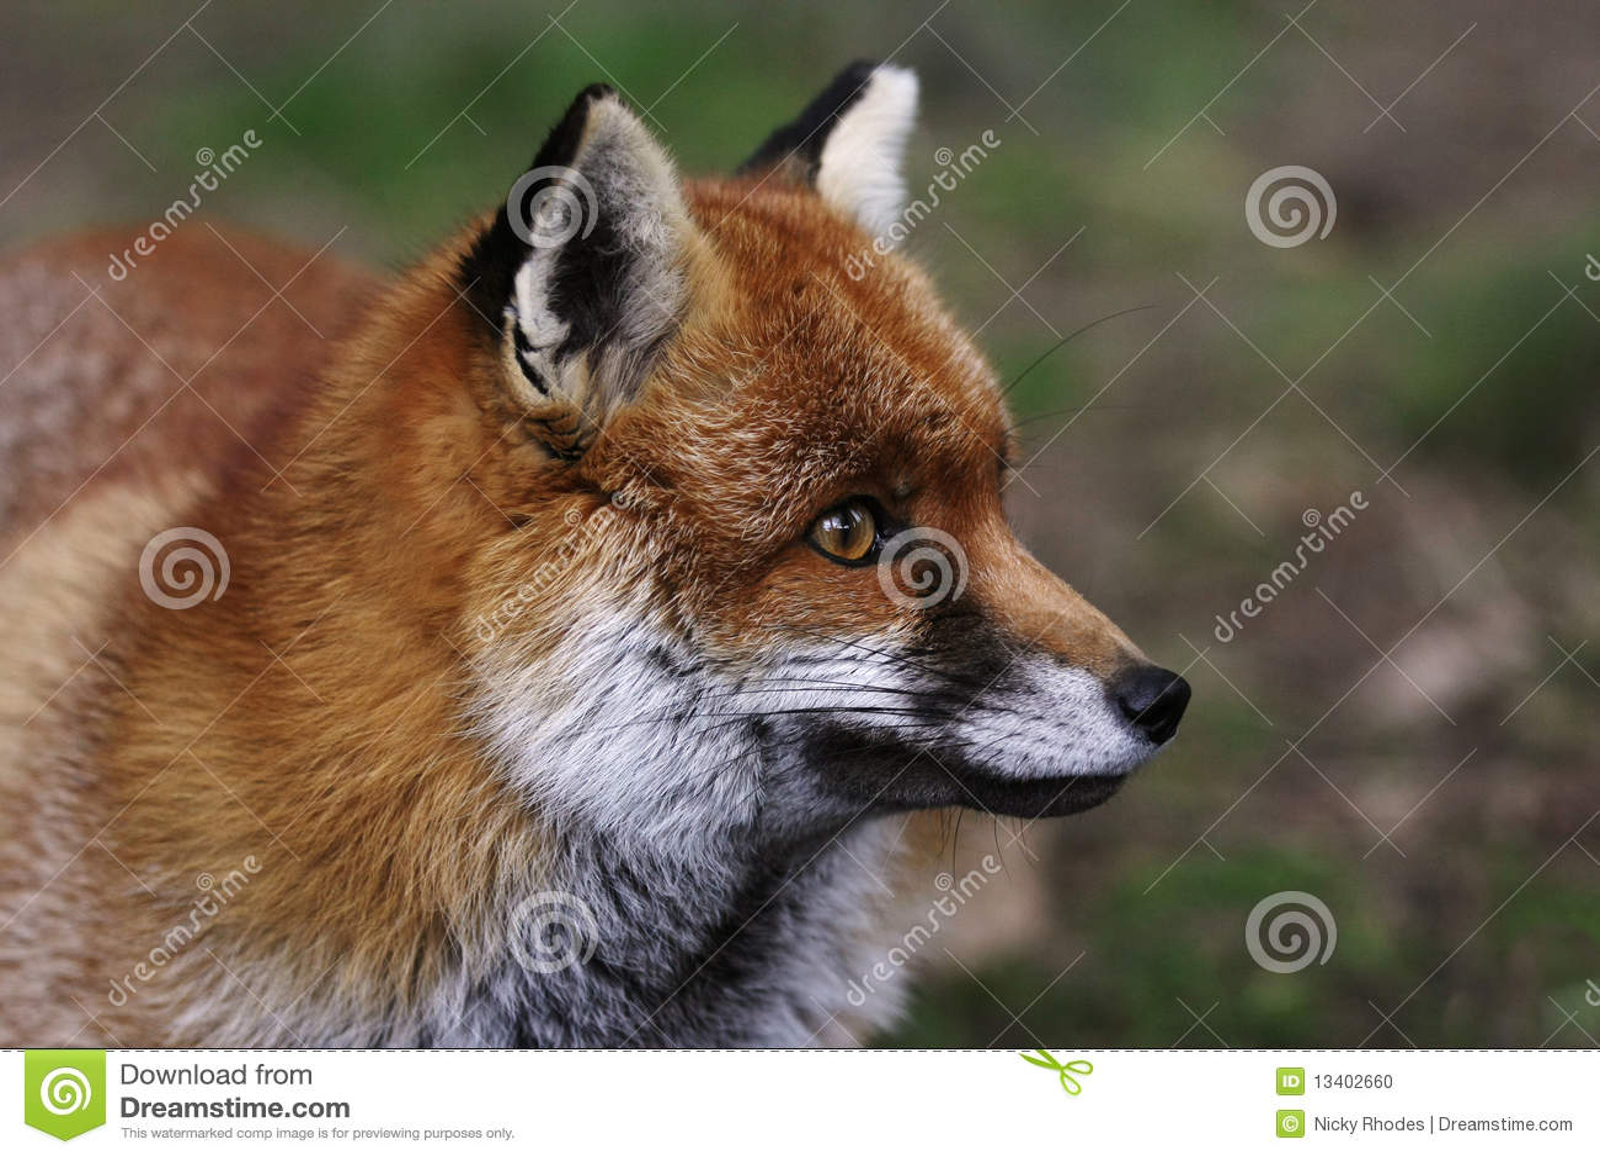 Kopf eines roten Fox